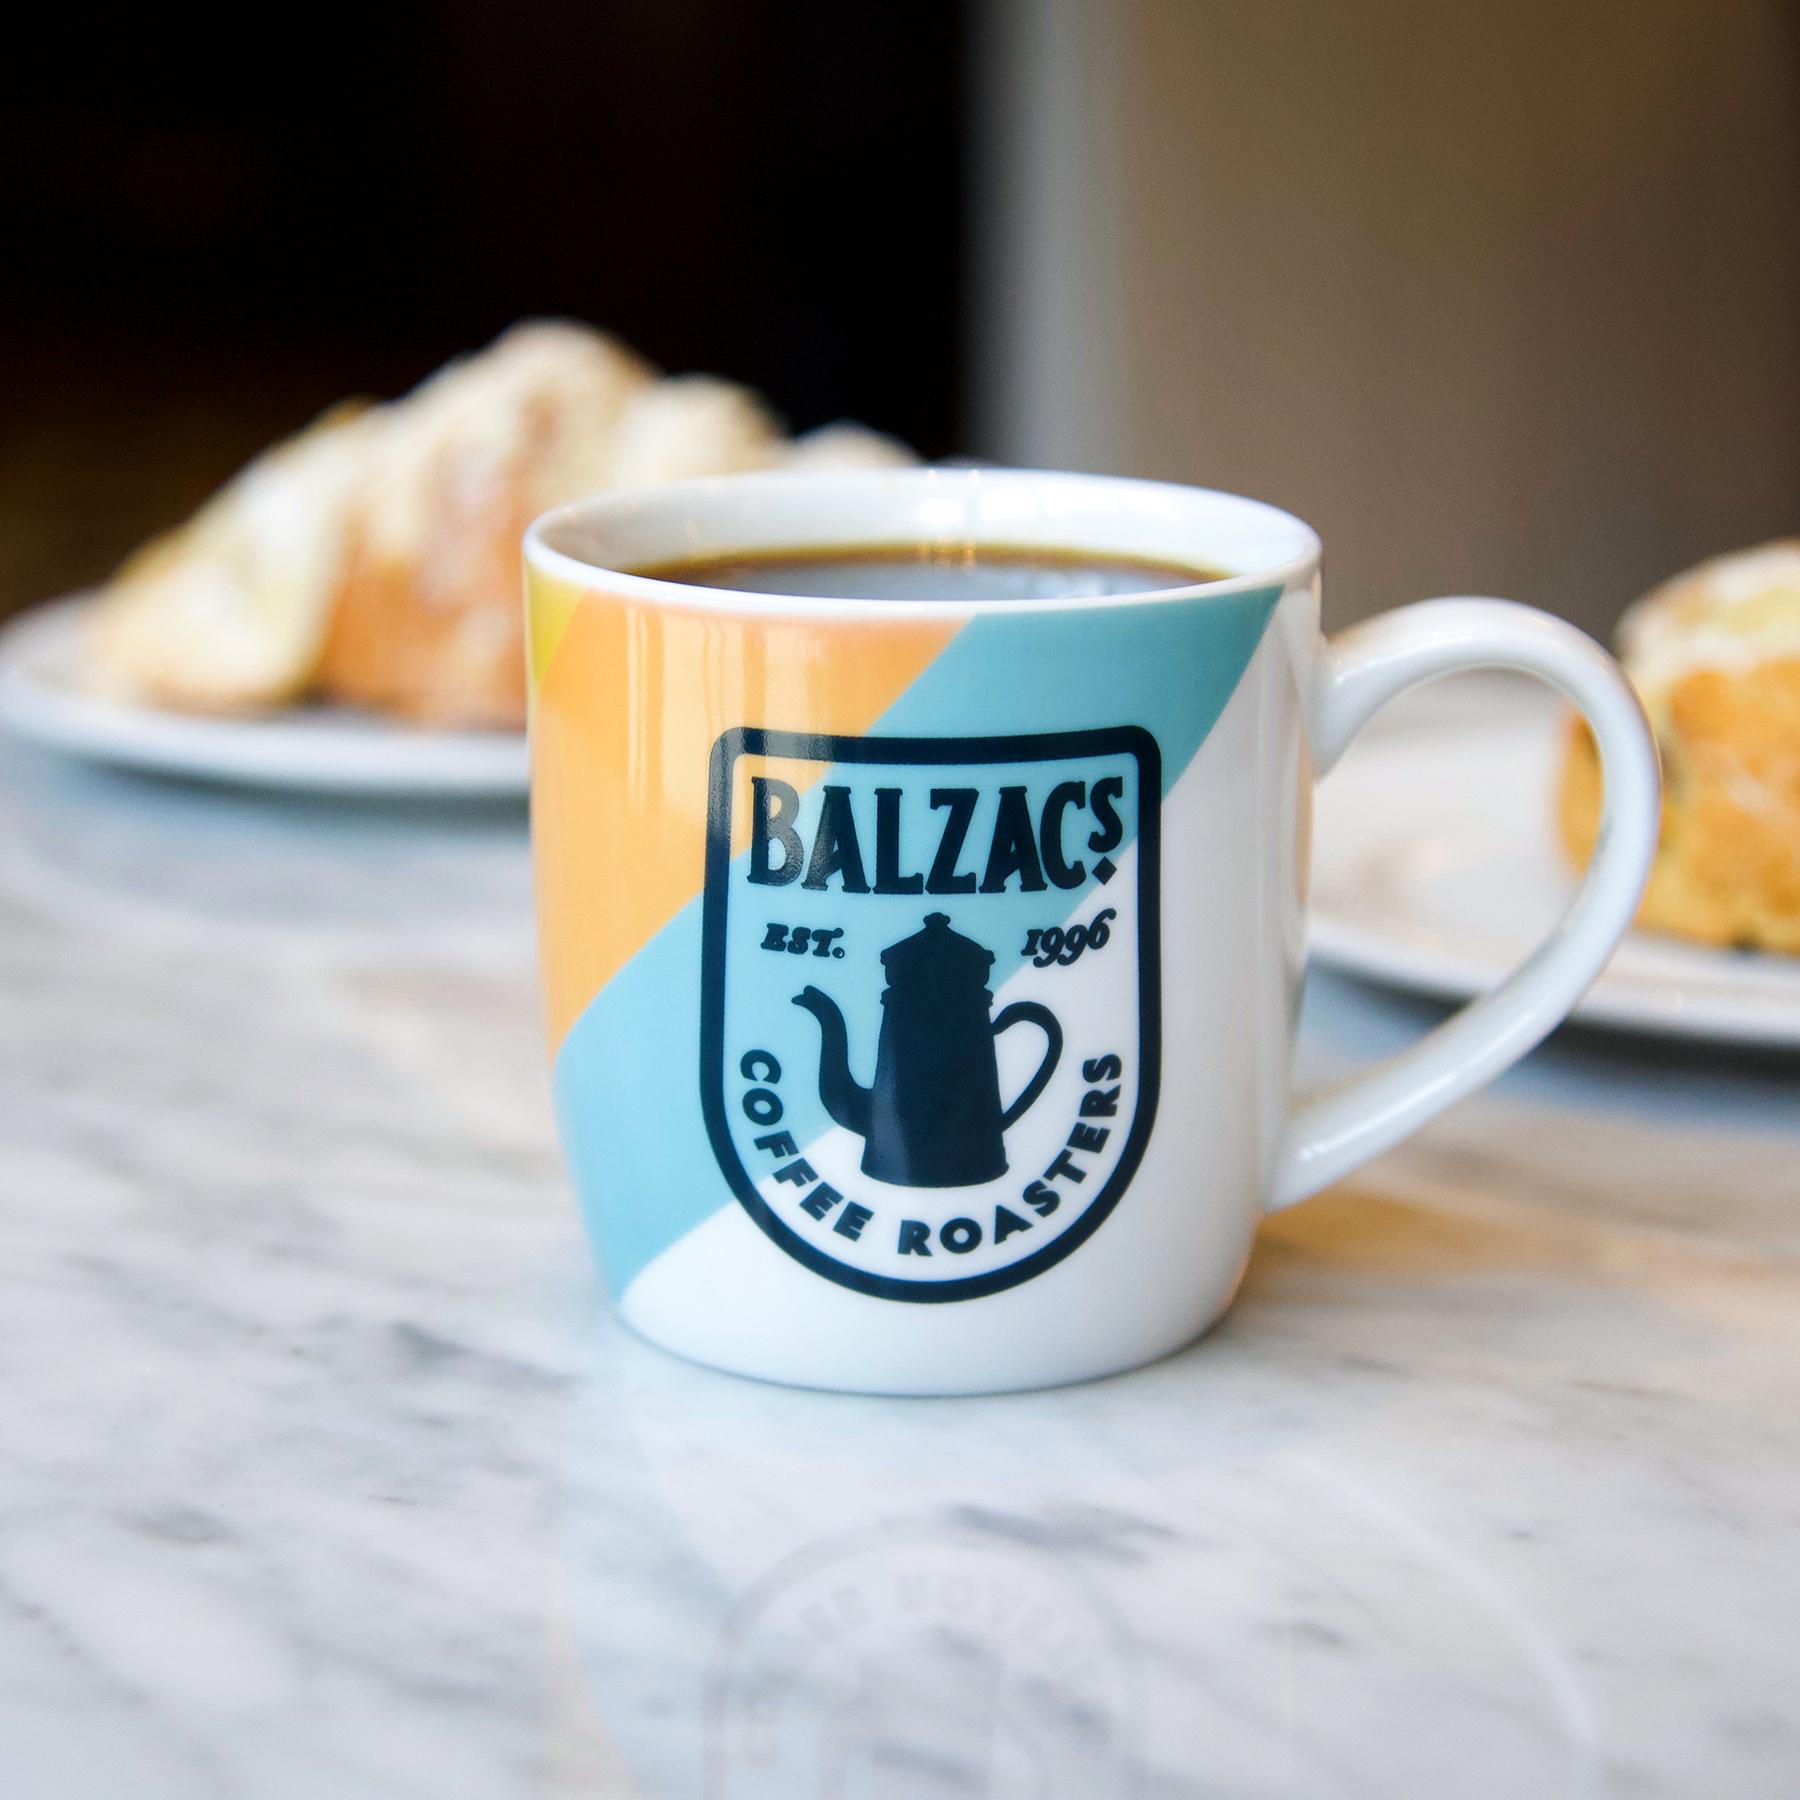 Balzac's Retro Mug